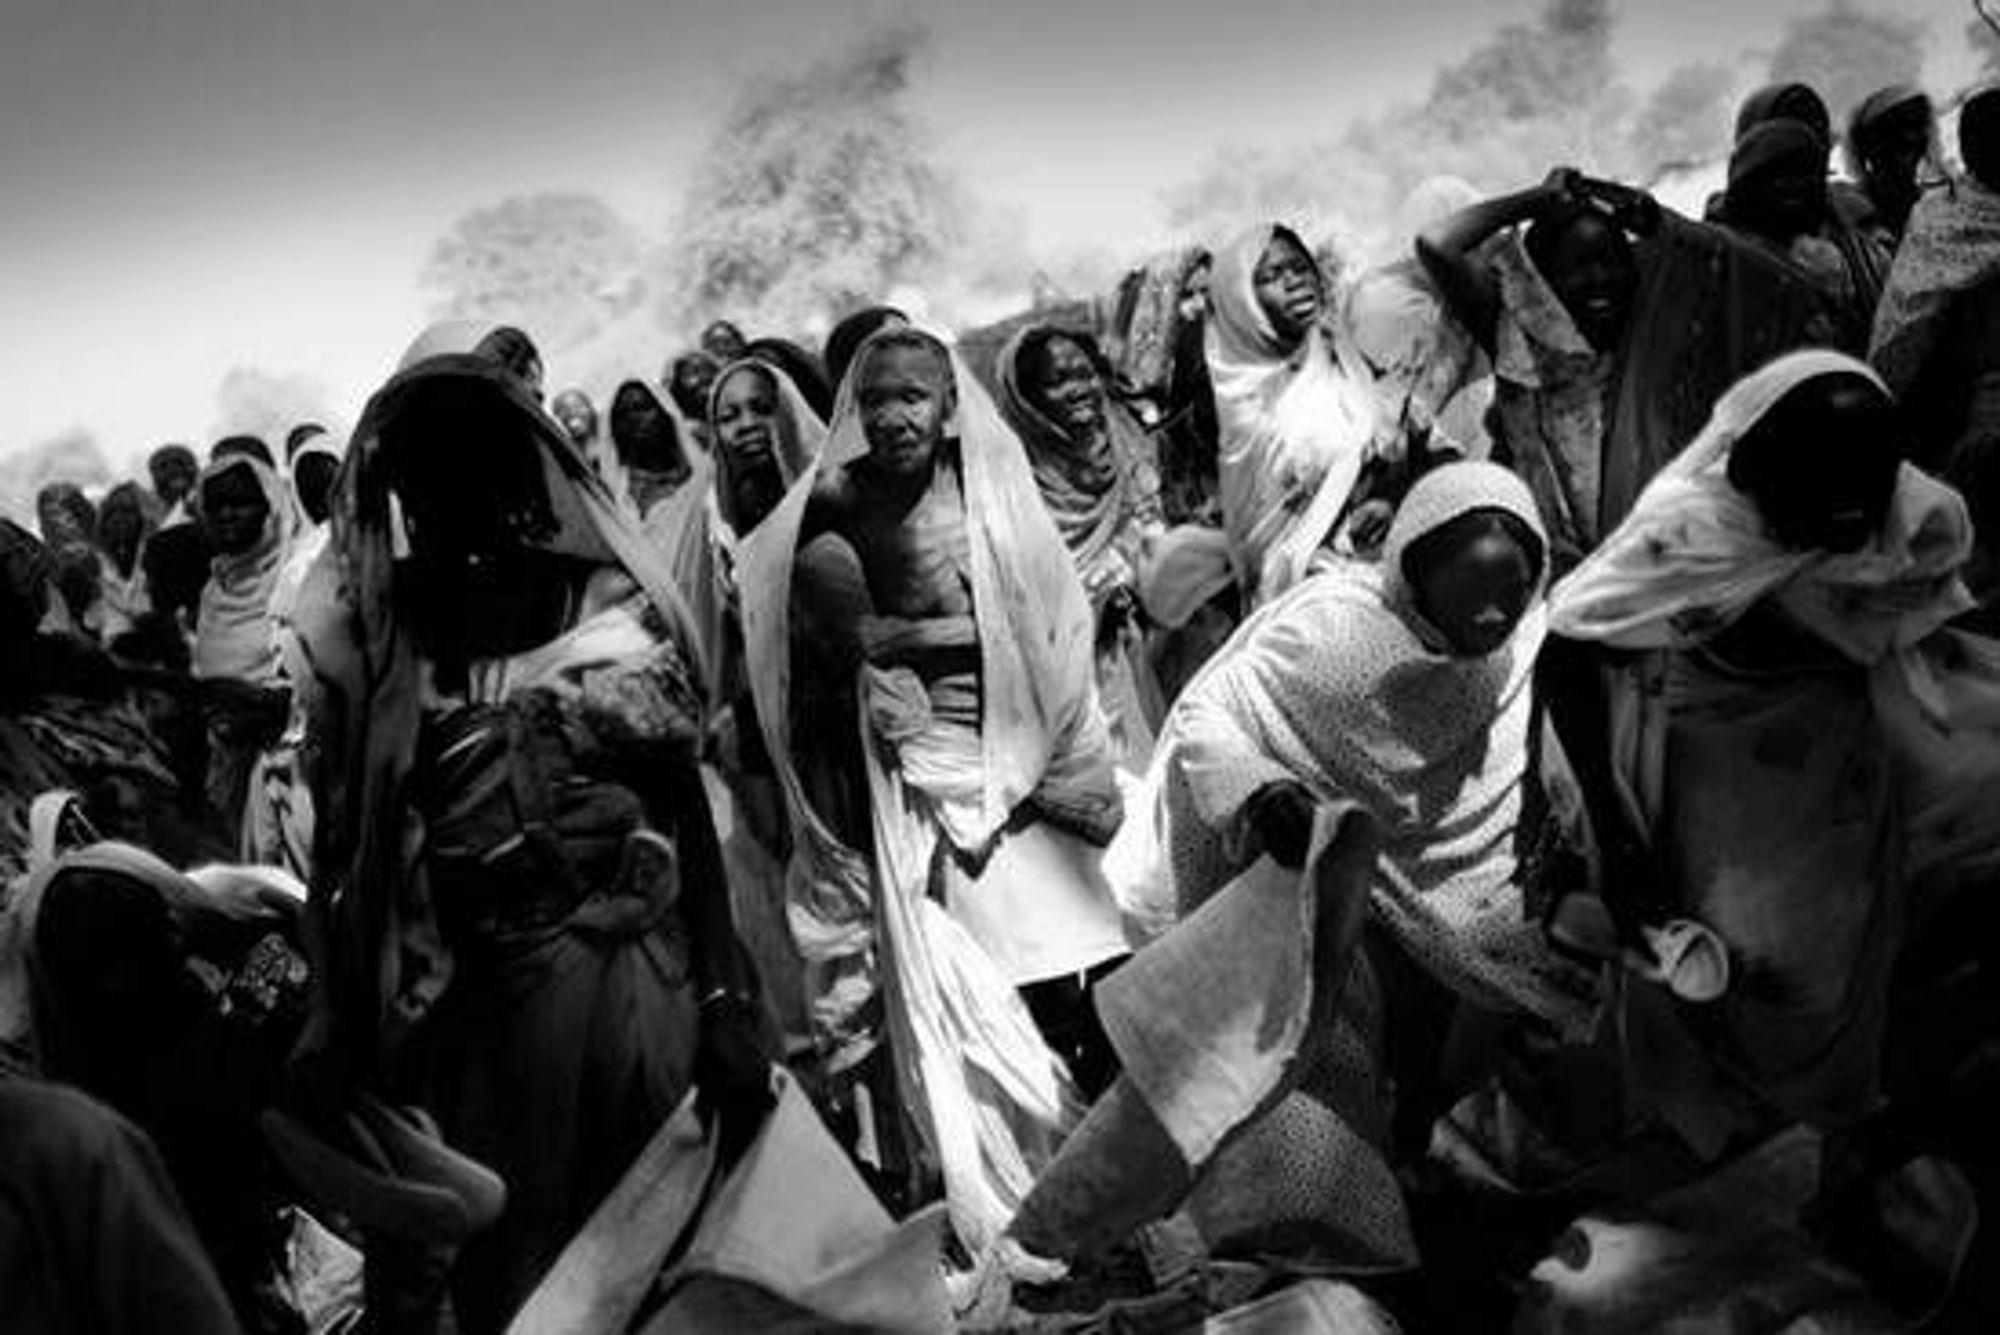 Habile, østre Tsjad, november 2006. Interne flyktninger venter på matrasjoner nærlandsbyen Habile. Habile pleide å være en liten landsby med noen få hundre innbyggere, men nå har titusenvis av mennesker søkt tilflukt der på grunn av angrep fra Janjaweed. © Jan Grarup / NOOR